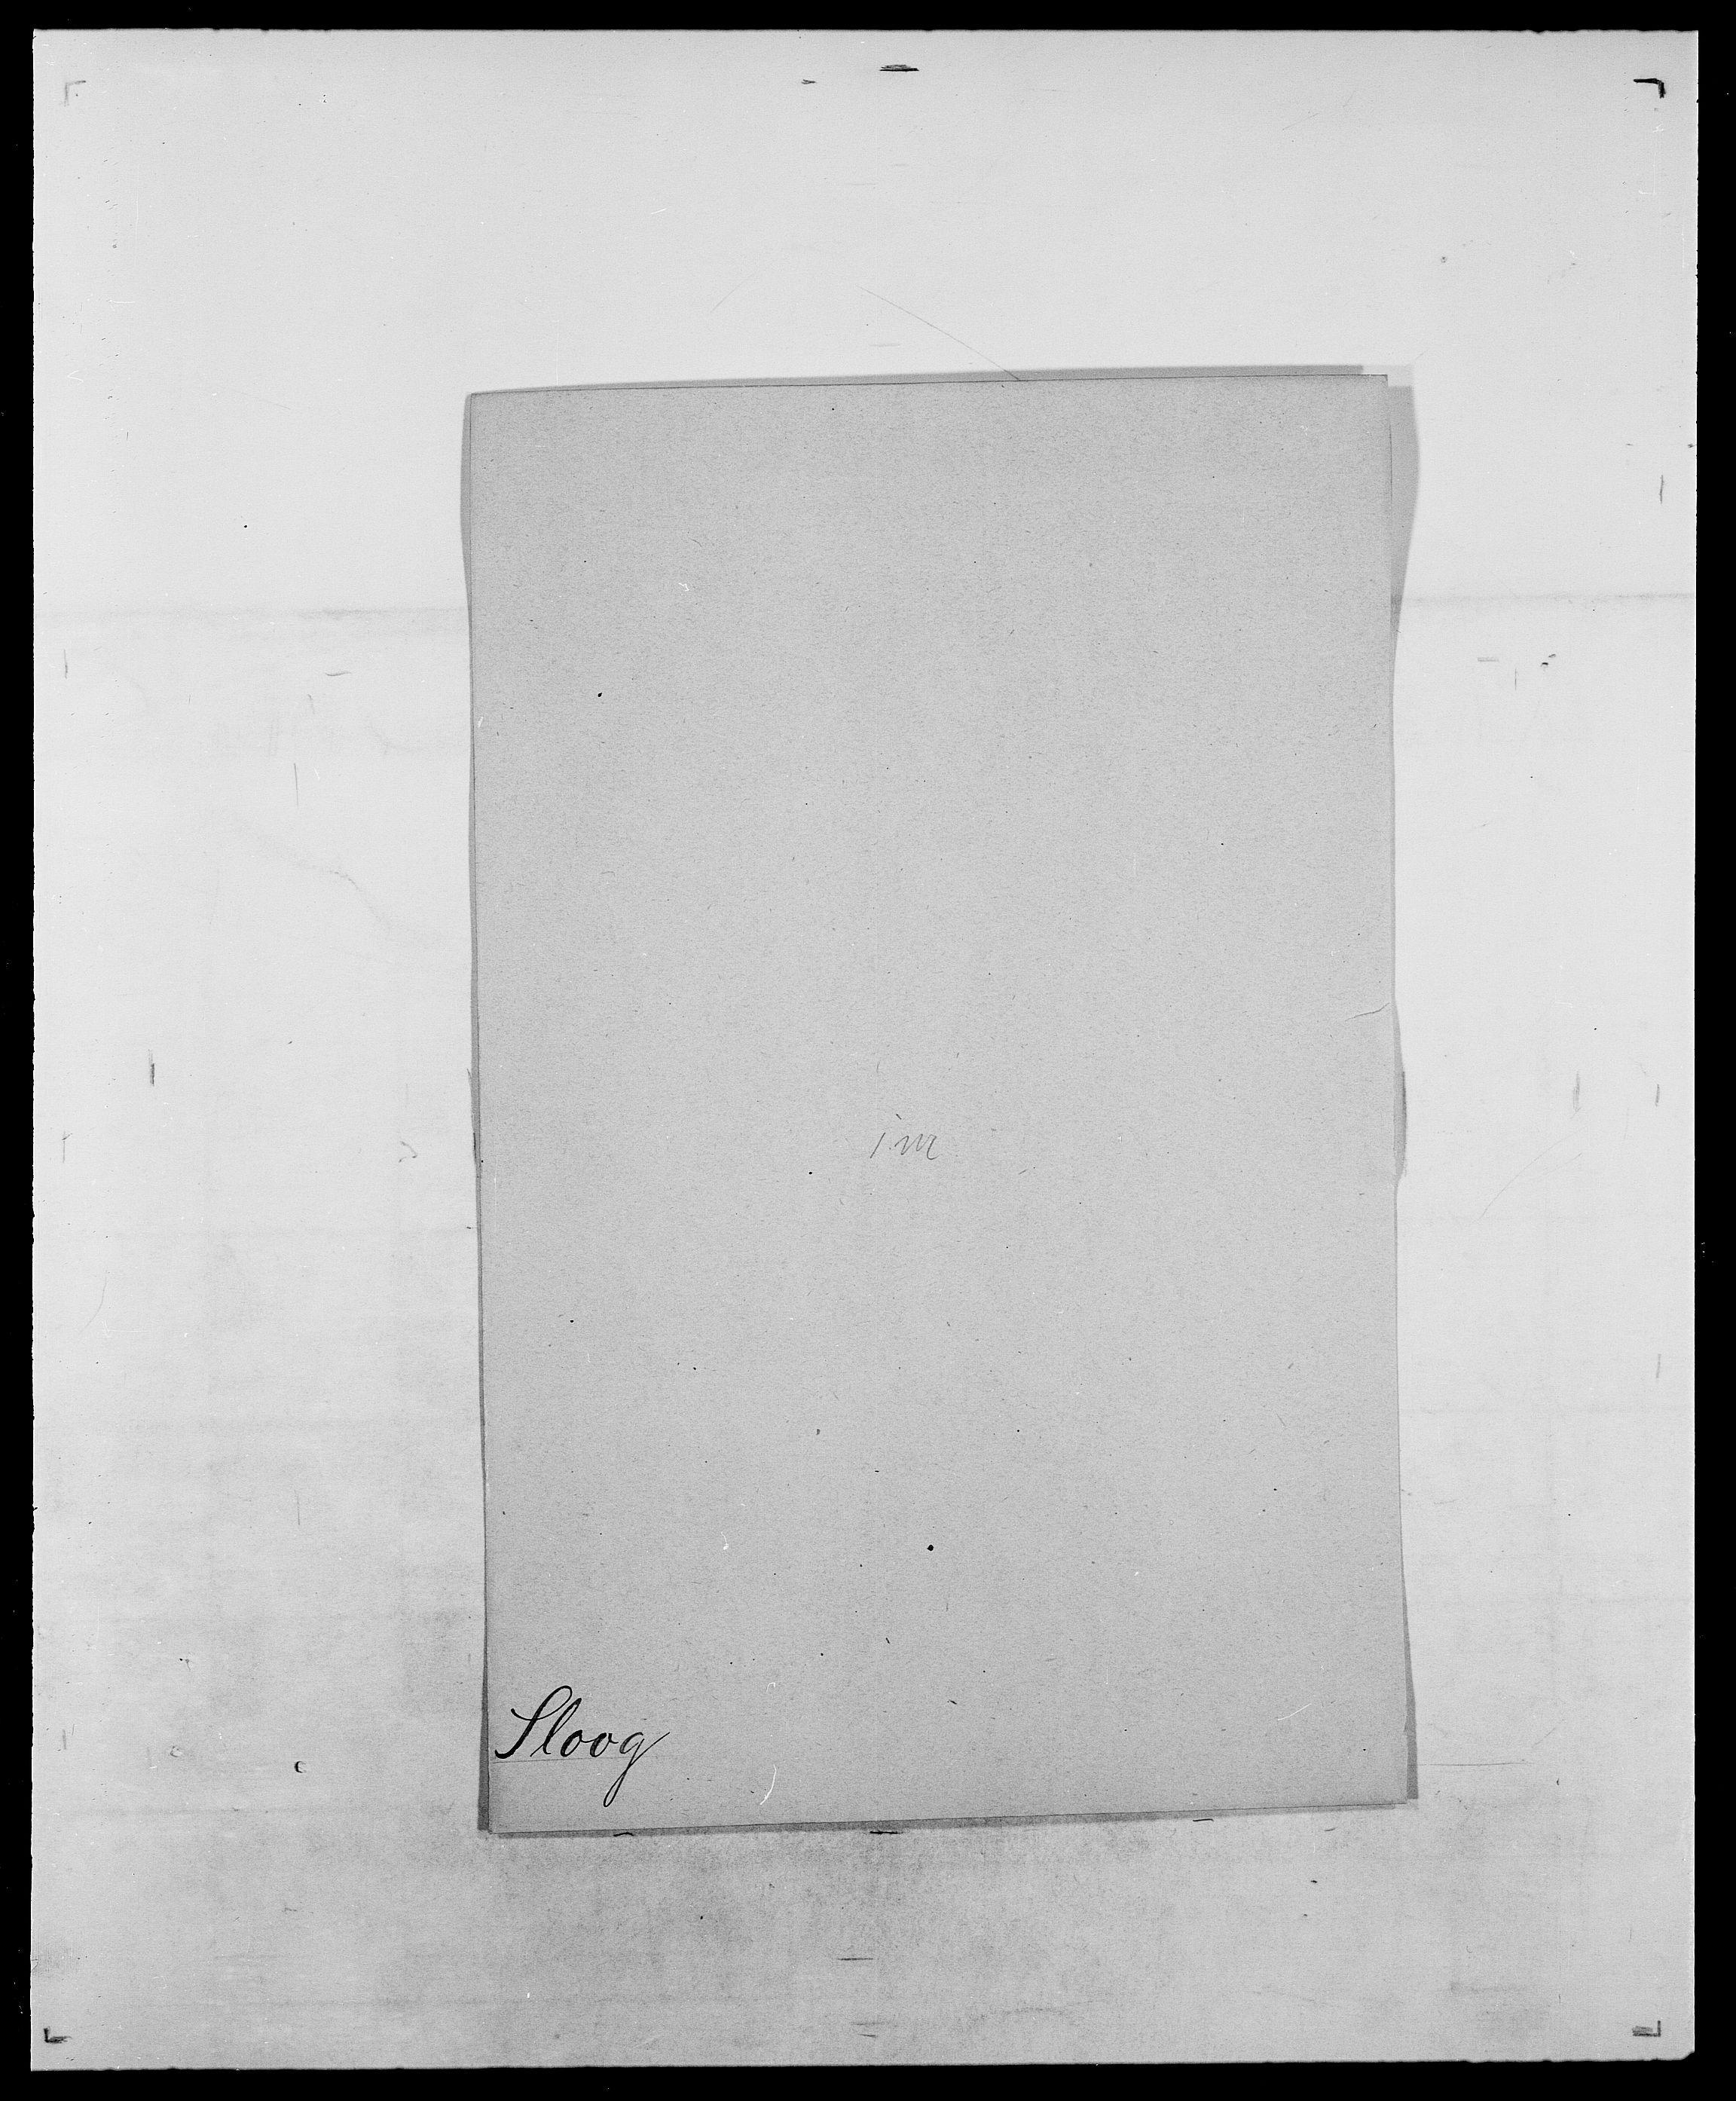 SAO, Delgobe, Charles Antoine - samling, D/Da/L0036: Skaanør - Staverskov, s. 102